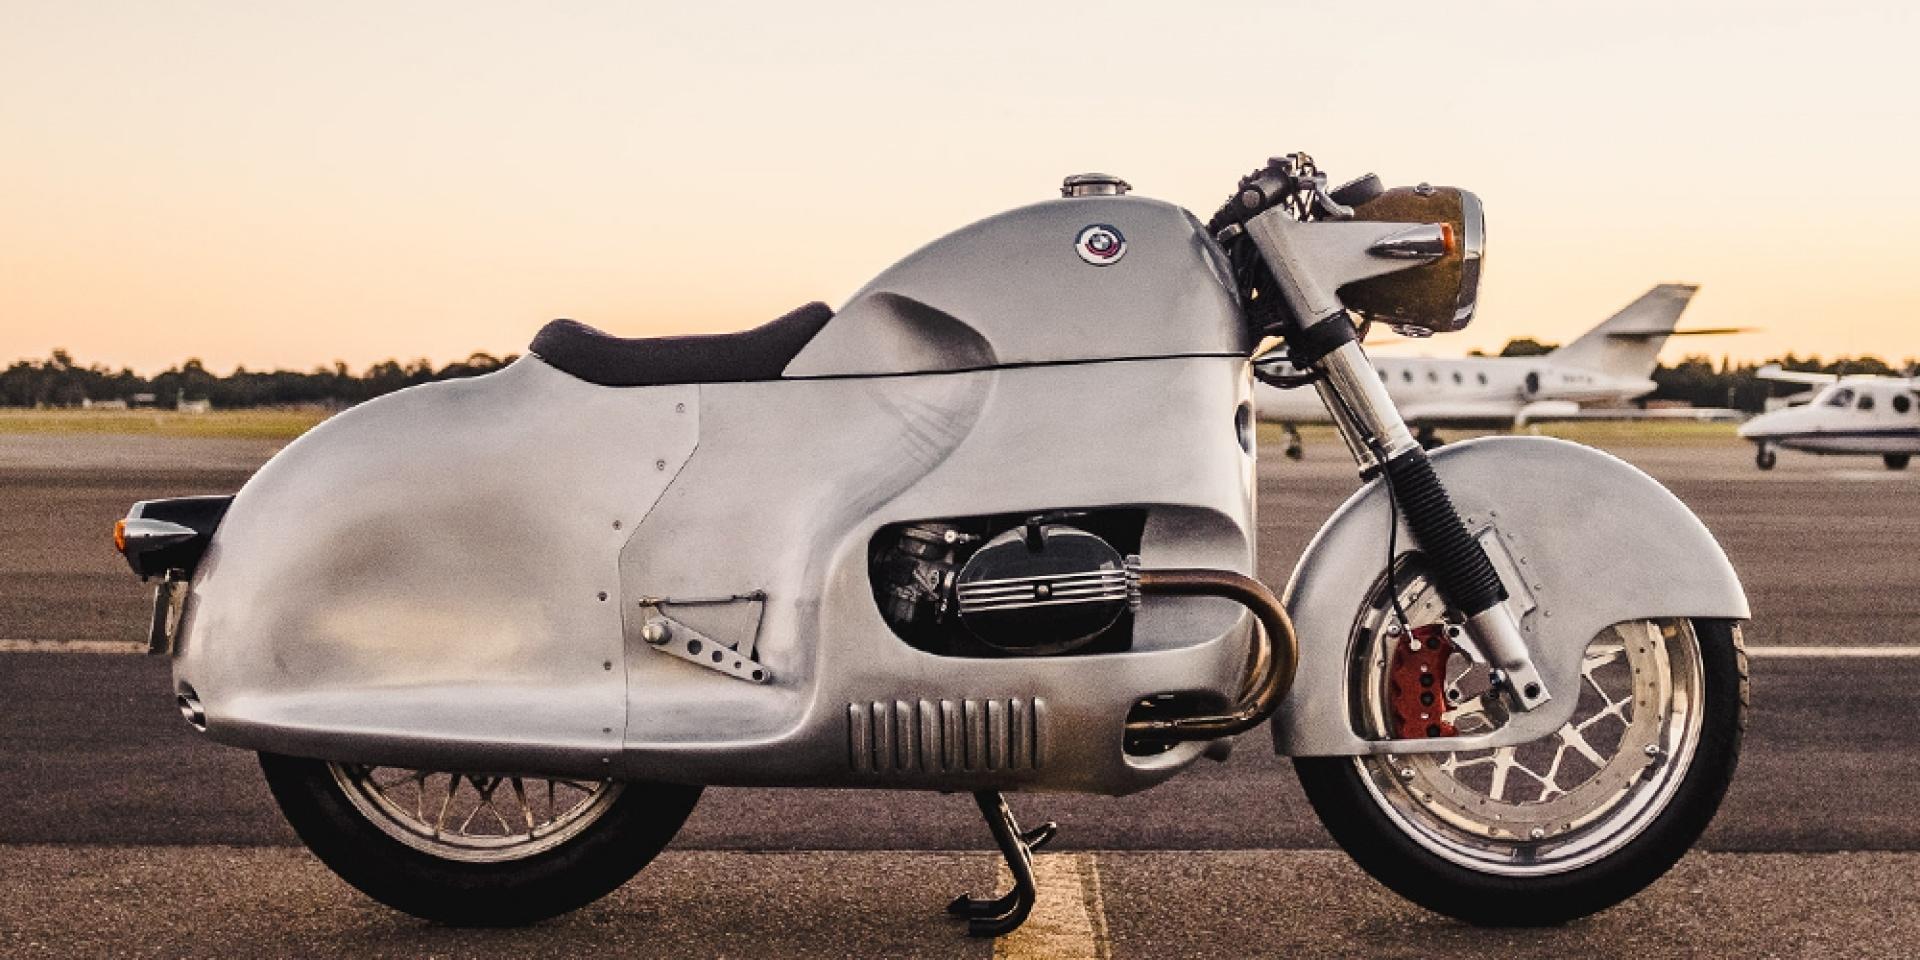 空氣力學之最,MotoRRetro改造BMW R100 RS